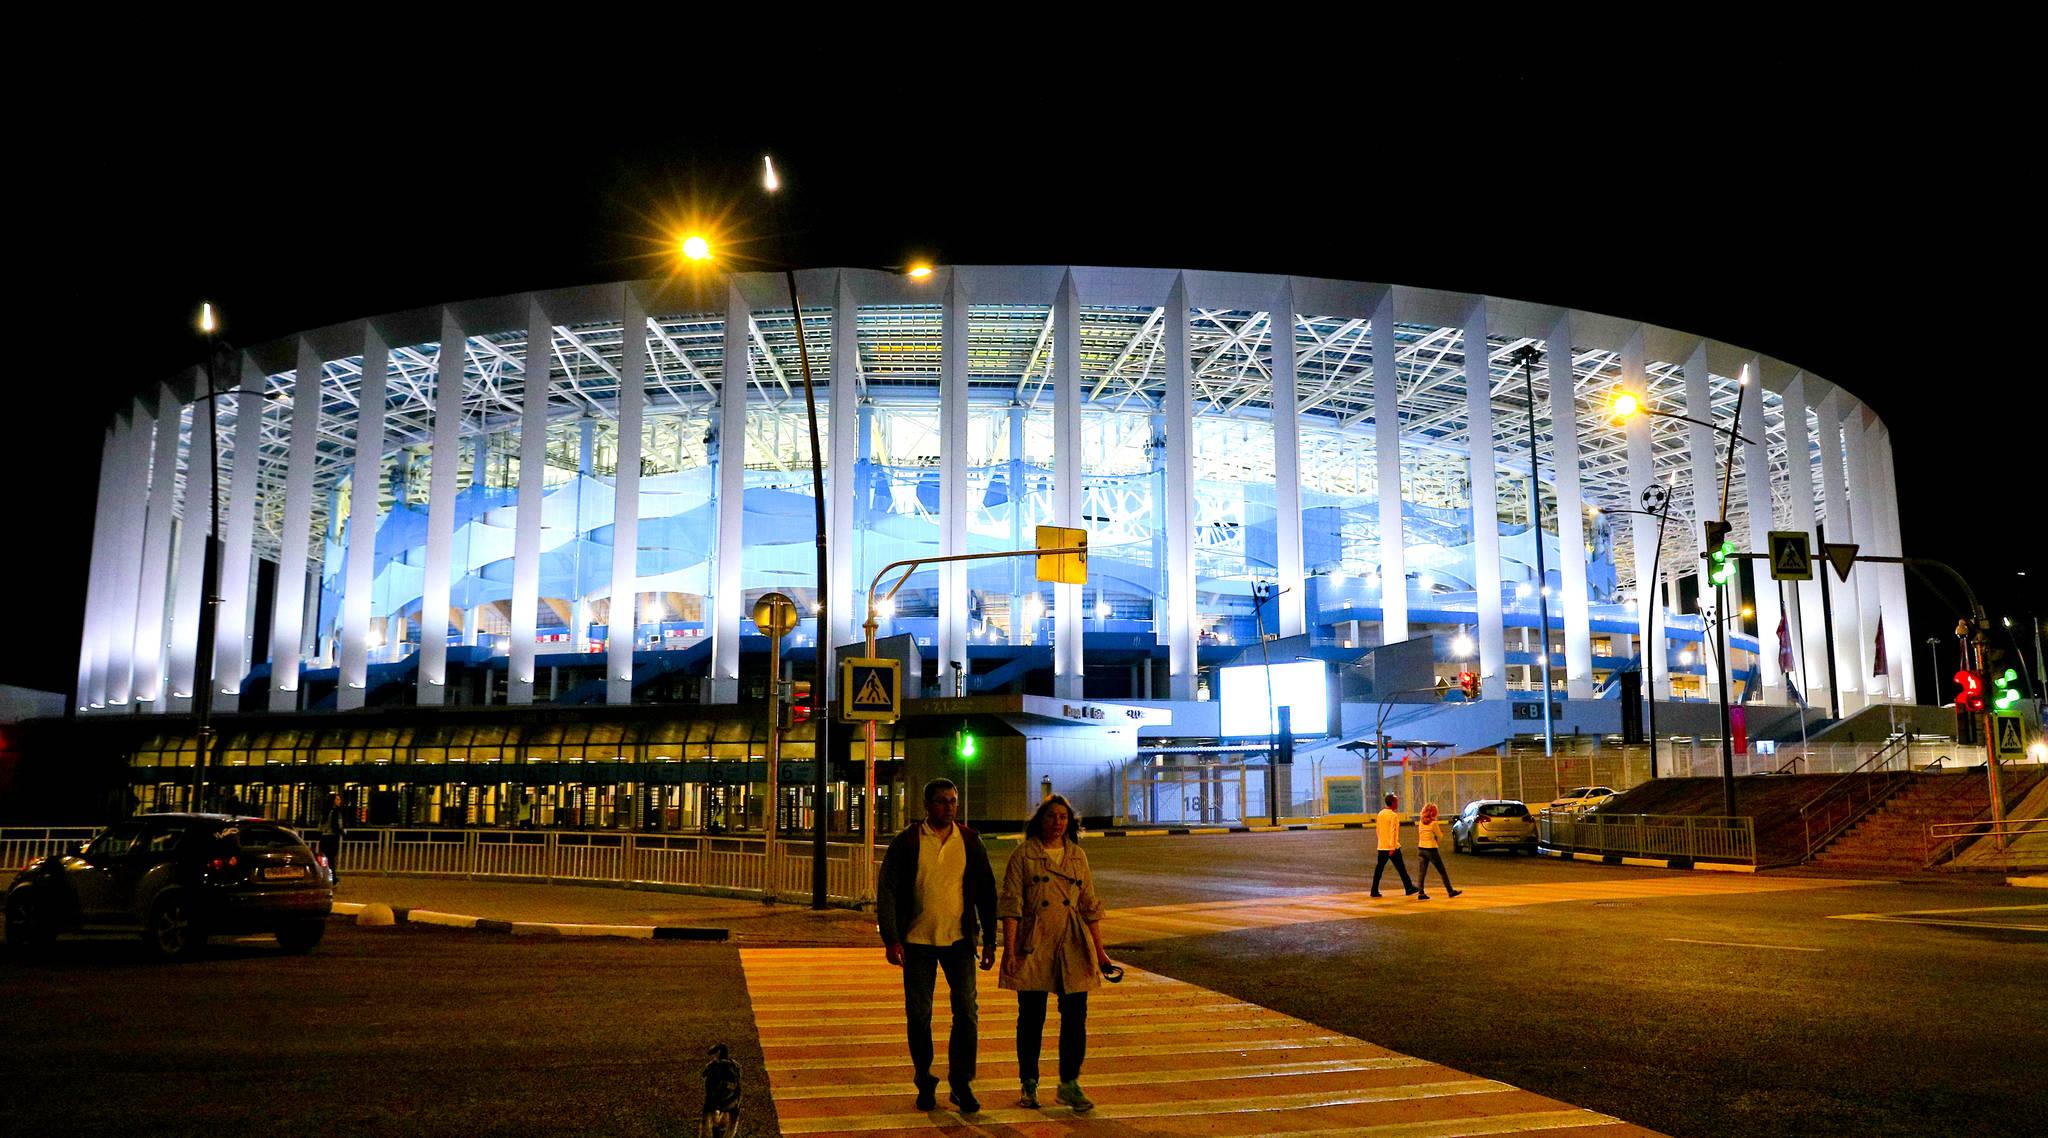 16일(현지시간) 2018 러시아월드컵 한국과 스웨덴의 경기가 열리는 니즈니 노브고로드 월드컵 경기장에 불이 켜져있다.  임현동 기자